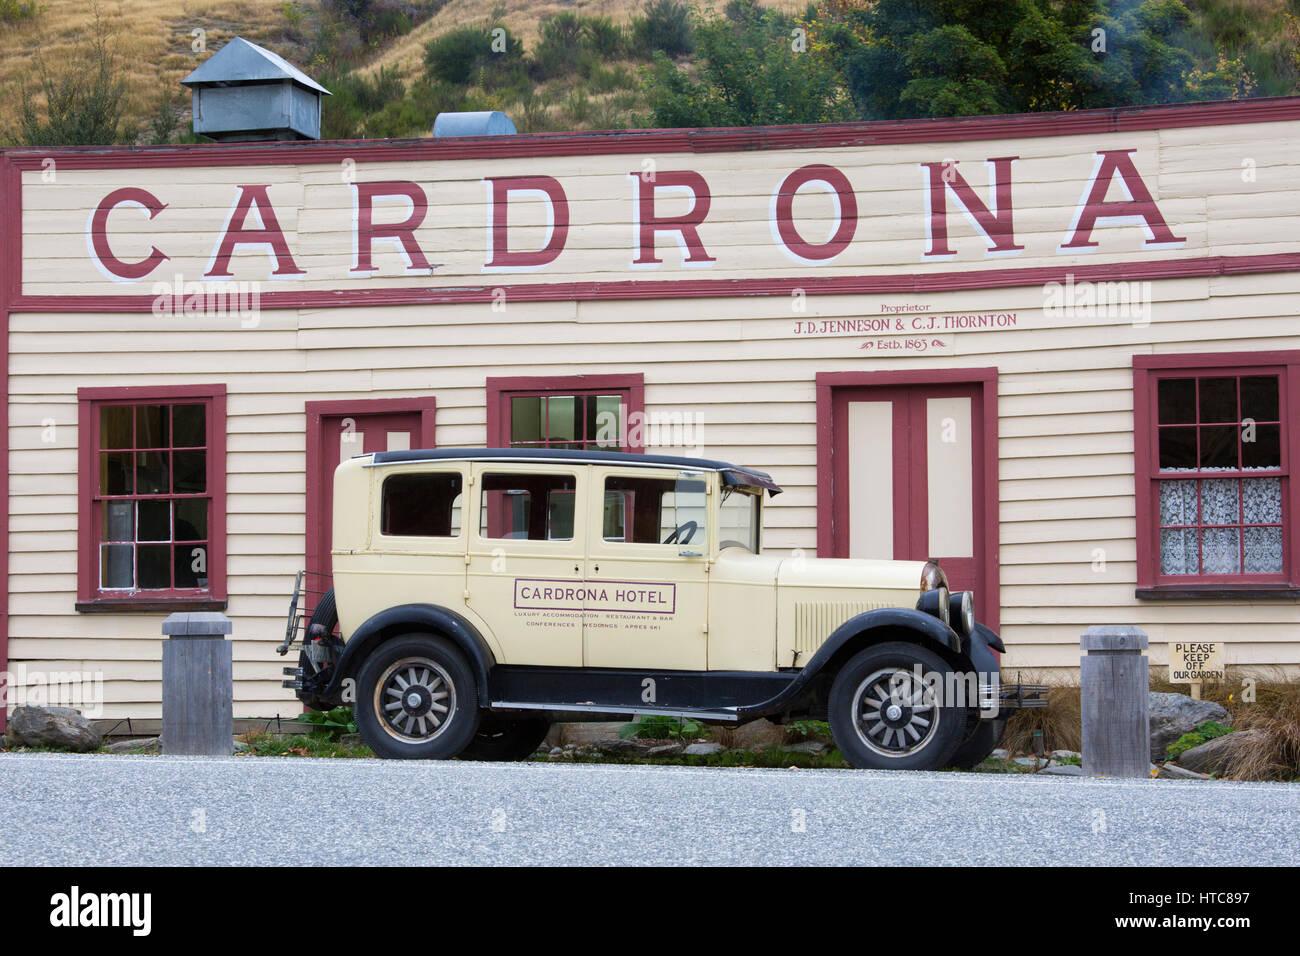 Cardrona, Otago, Neuseeland. Fassade des historischen Cardrona Hotel, gegründet 1863, geparkt Oldtimer vor. Stockbild